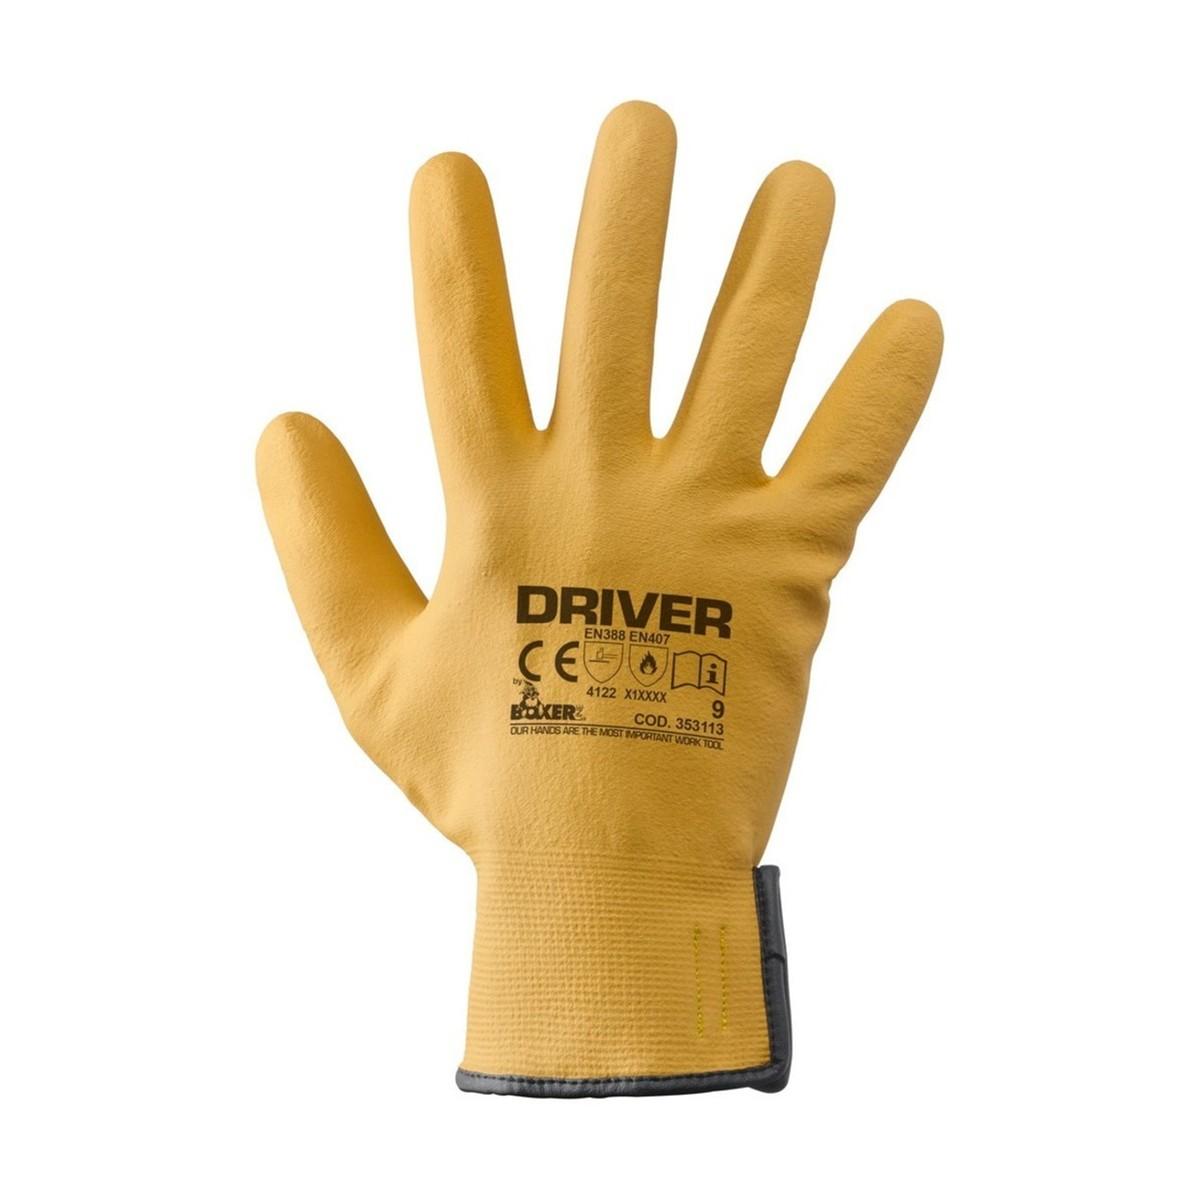 353113 – Guanti Driver